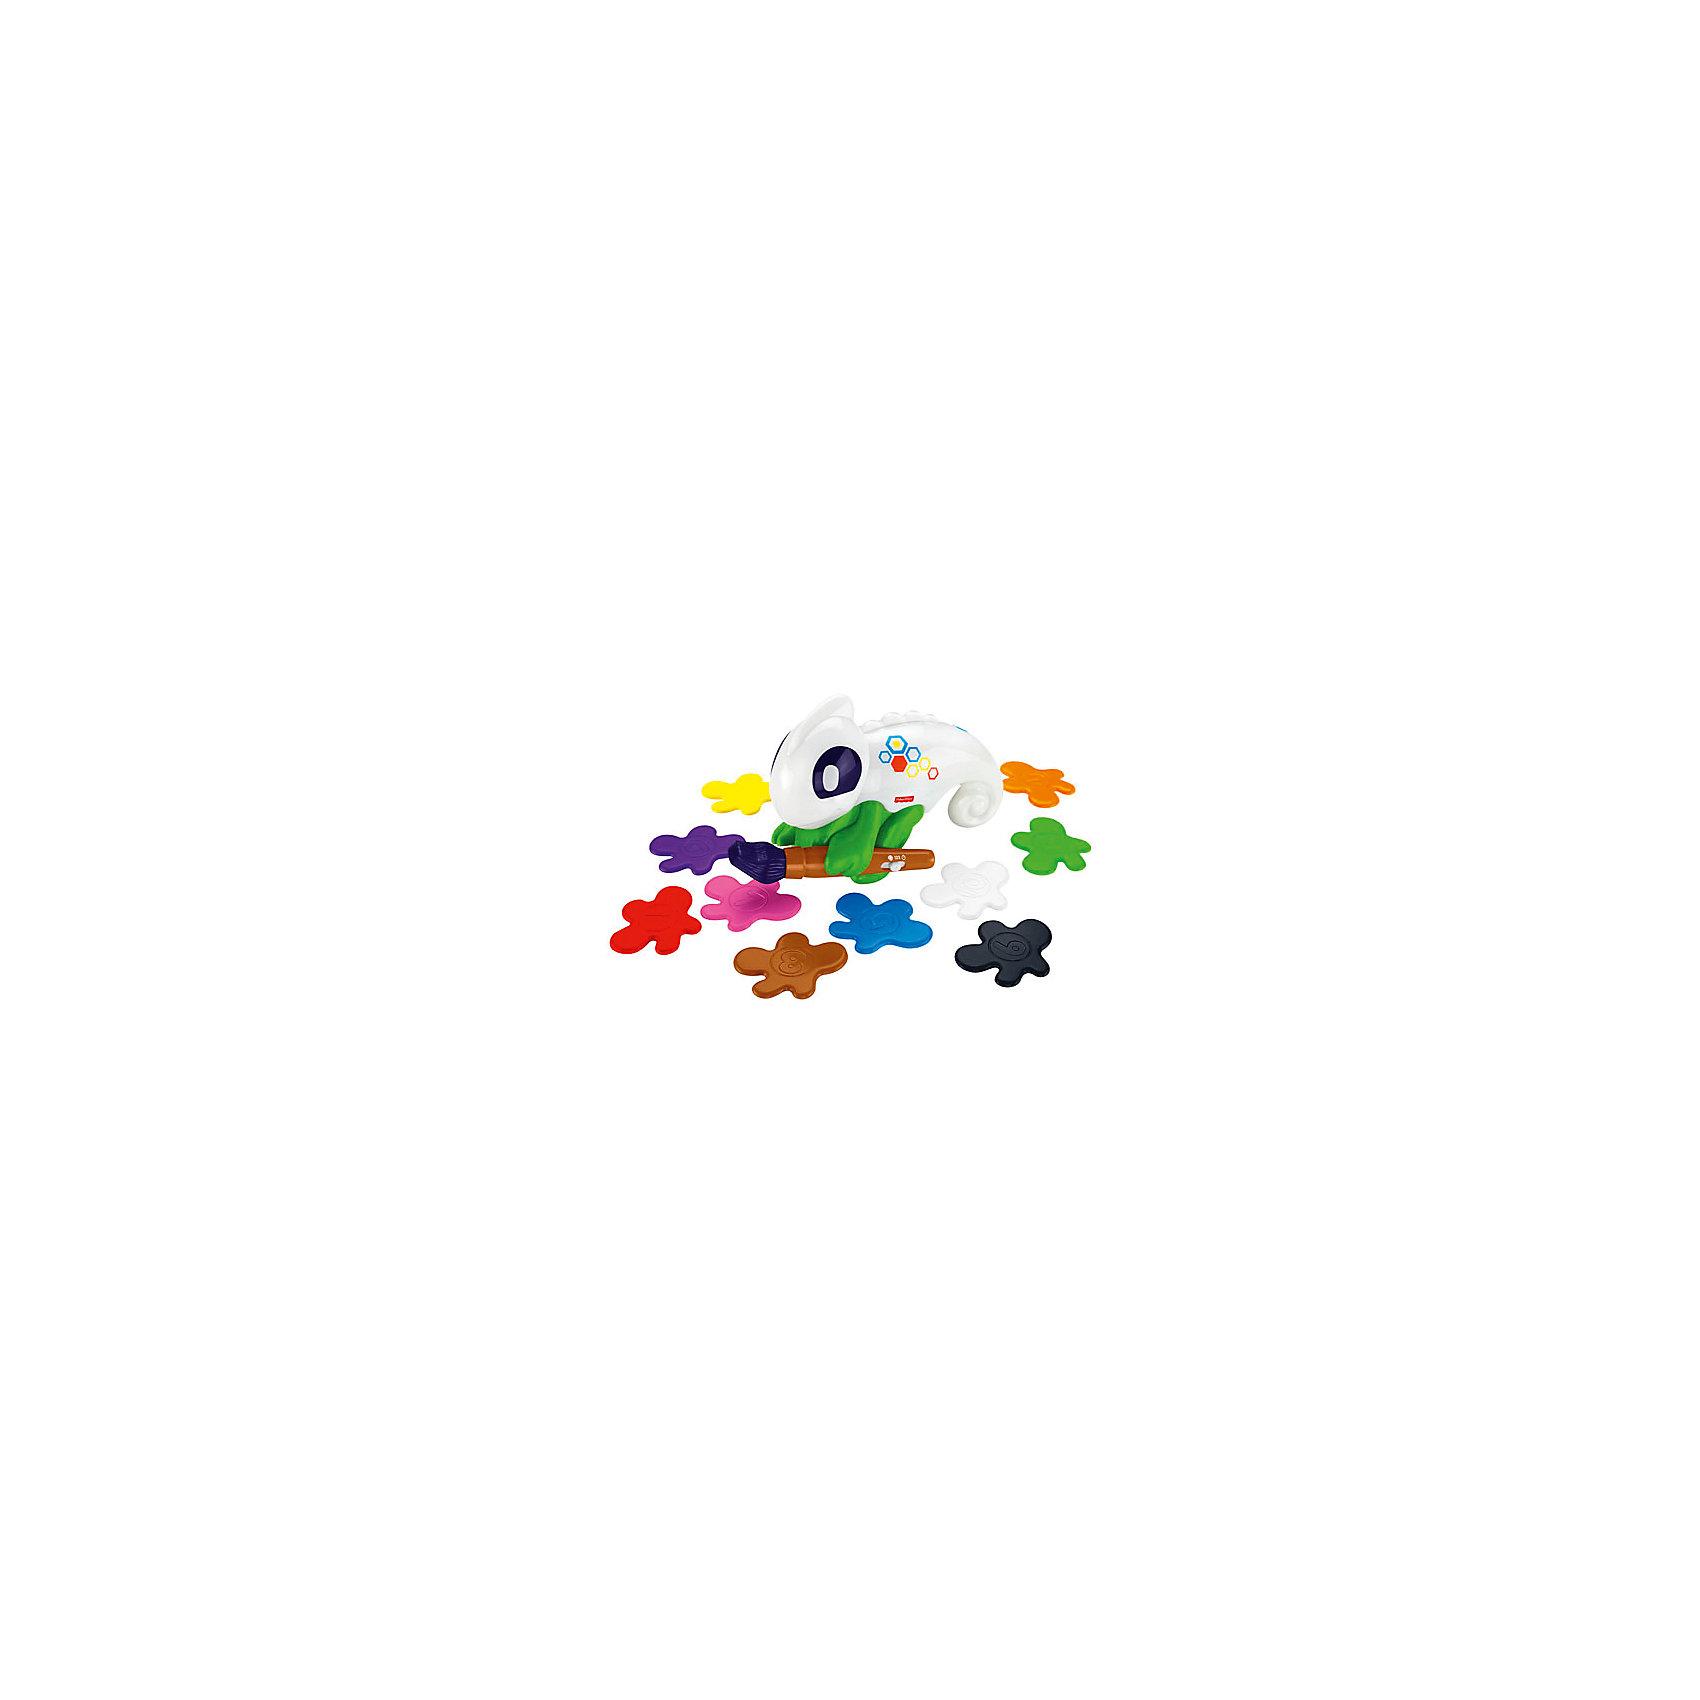 Обучающий хамелеон, Fisher PriceРазвивающие игрушки<br>Характеристики товара:<br><br>• возраст: от 3 лет;<br>• материал: пластик;<br>• в комплекте: хамелеон, 10 пластинок;<br>• тип батареек: 4 батарейки ААА;<br>• наличие батареек: в комплекте;<br>• размер упаковки: 33х28х10 см;<br>• вес упаковки: 635 гр.;<br>• страна производитель: Китай.<br><br>Обучающий хамелеон Fisher Price — увлекательная развивающая игрушка для детей. Играя с ним, ребенок выучит цифры и цвета. Хамелеон держит небольшую кисточку-сканер, которая умеет распознавать цвета предметов. Для активации надо нажать кнопку на игрушке, поднести кисточку к любому предмету, хамелеон сразу скажет его название и даже окрасится в этот цвет. <br><br>Для обучения предусмотрены 3 режима. Режим «Цвета» научит малыша определять и отличать предметы разного цвета. Режим «Счет», где ребенок будет считать предметы одинакового цвета, а хамелеон дает ребенку разнообразные задания. В режиме «Игры» ребенок весело проведет время, играя с хамелеоном в развивающие игры.<br><br>Обучающего хамелеона Fisher Price можно приобрести в нашем интернет-магазине.<br><br>Ширина мм: 280<br>Глубина мм: 105<br>Высота мм: 330<br>Вес г: 1165<br>Возраст от месяцев: 36<br>Возраст до месяцев: 2147483647<br>Пол: Унисекс<br>Возраст: Детский<br>SKU: 5378271